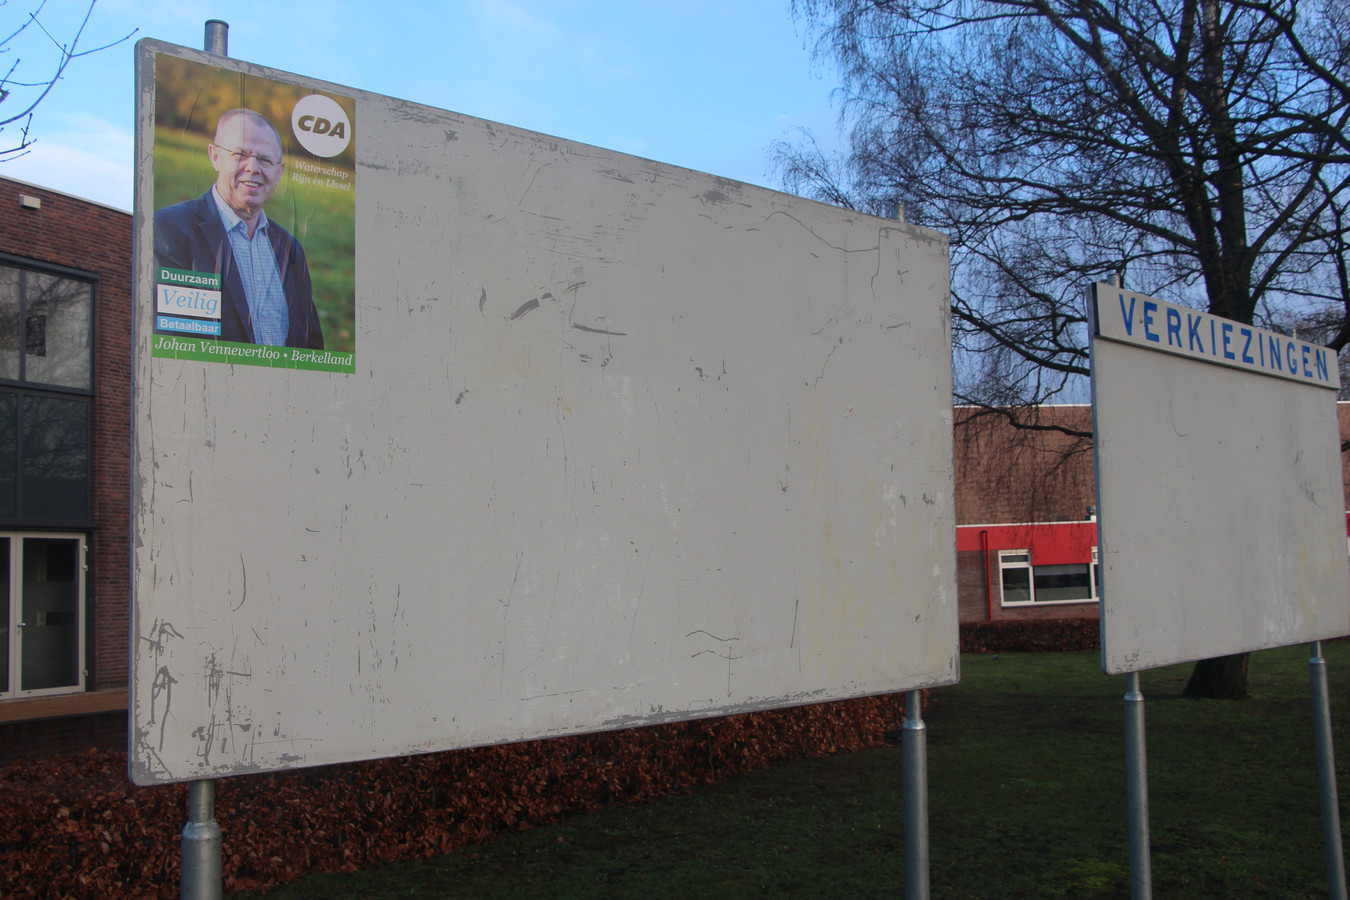 Verkiezingsbord bij 't Spieker in Eibergen, met Johan Vennevertloo op CDA-affiche voor de waterschapsverkiezingen van maart.